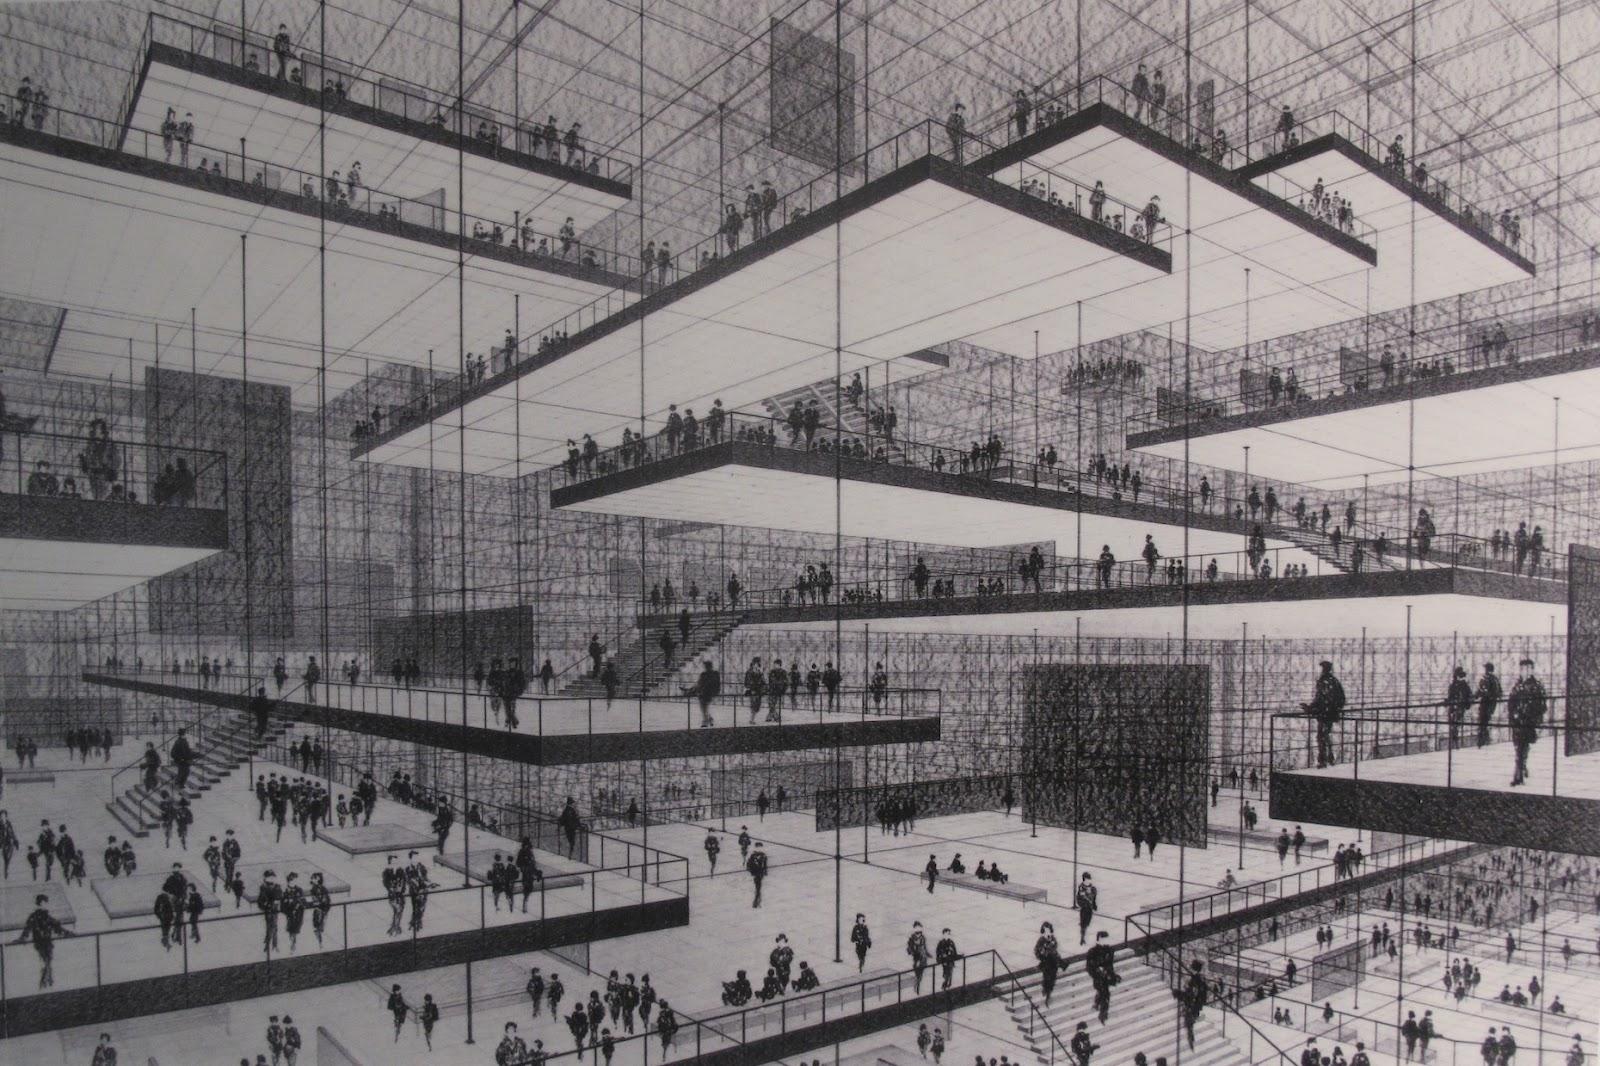 Exhibition Hall D Model : Bauzeitgeist austellung das architekturmodell werkzeug